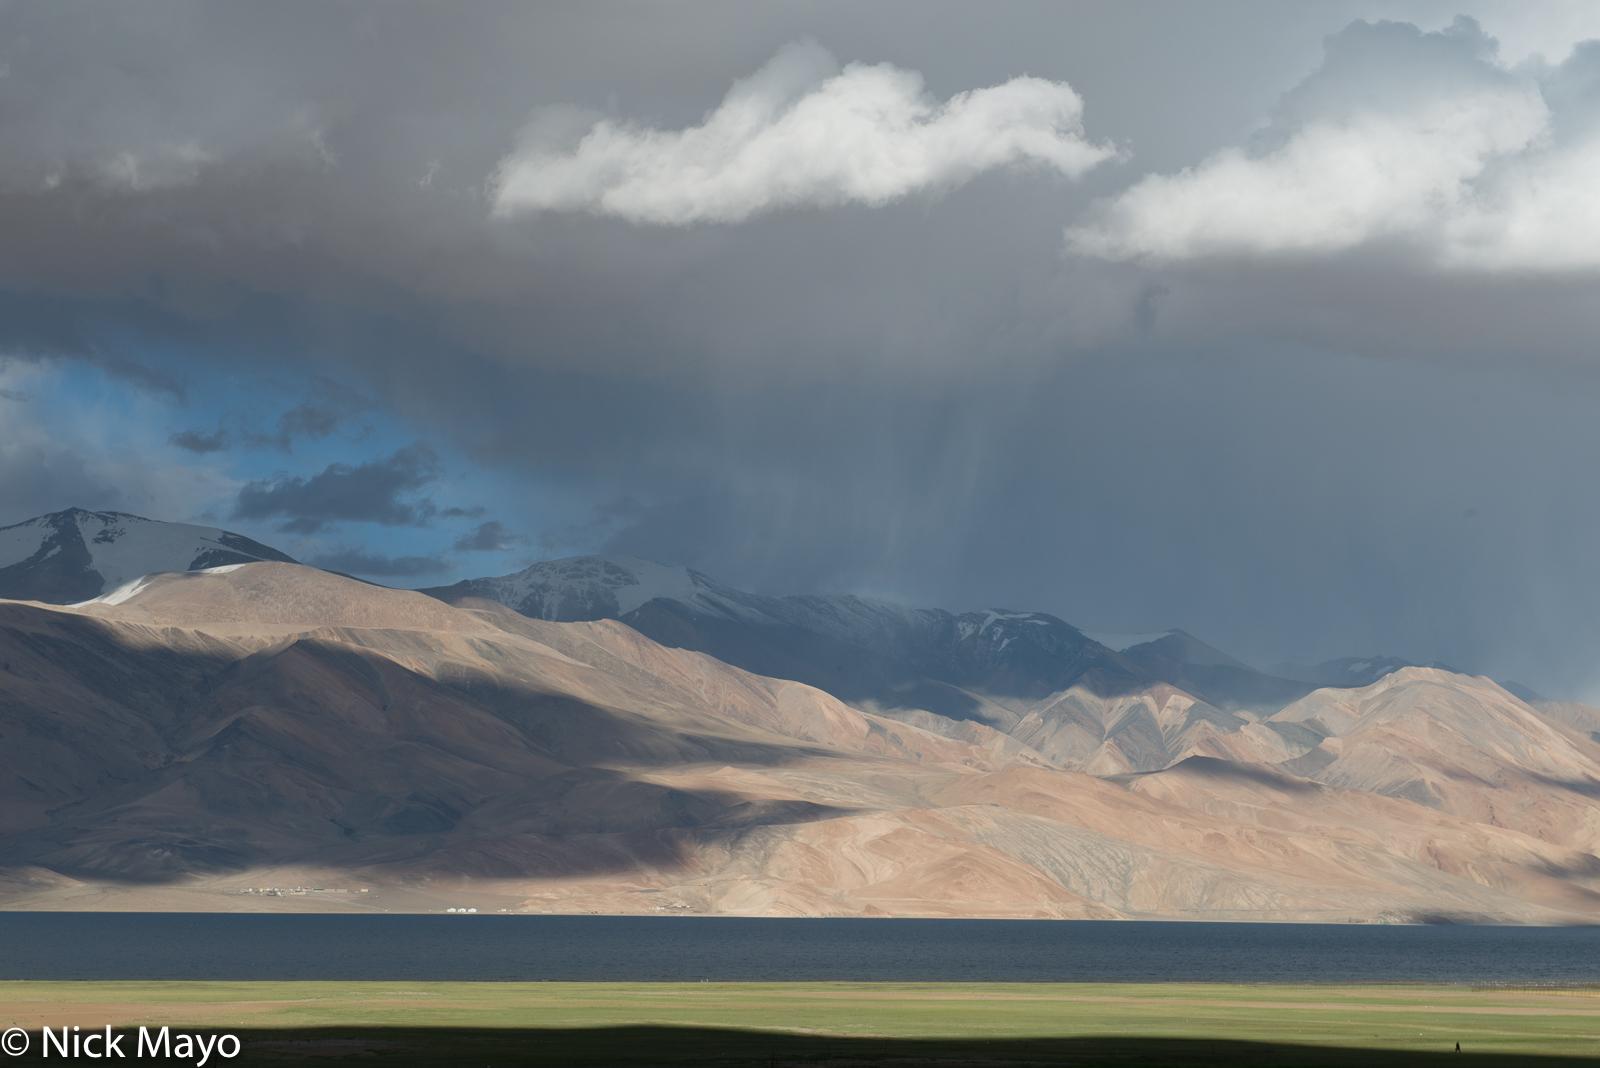 India, Jammu & Kashmir, photo